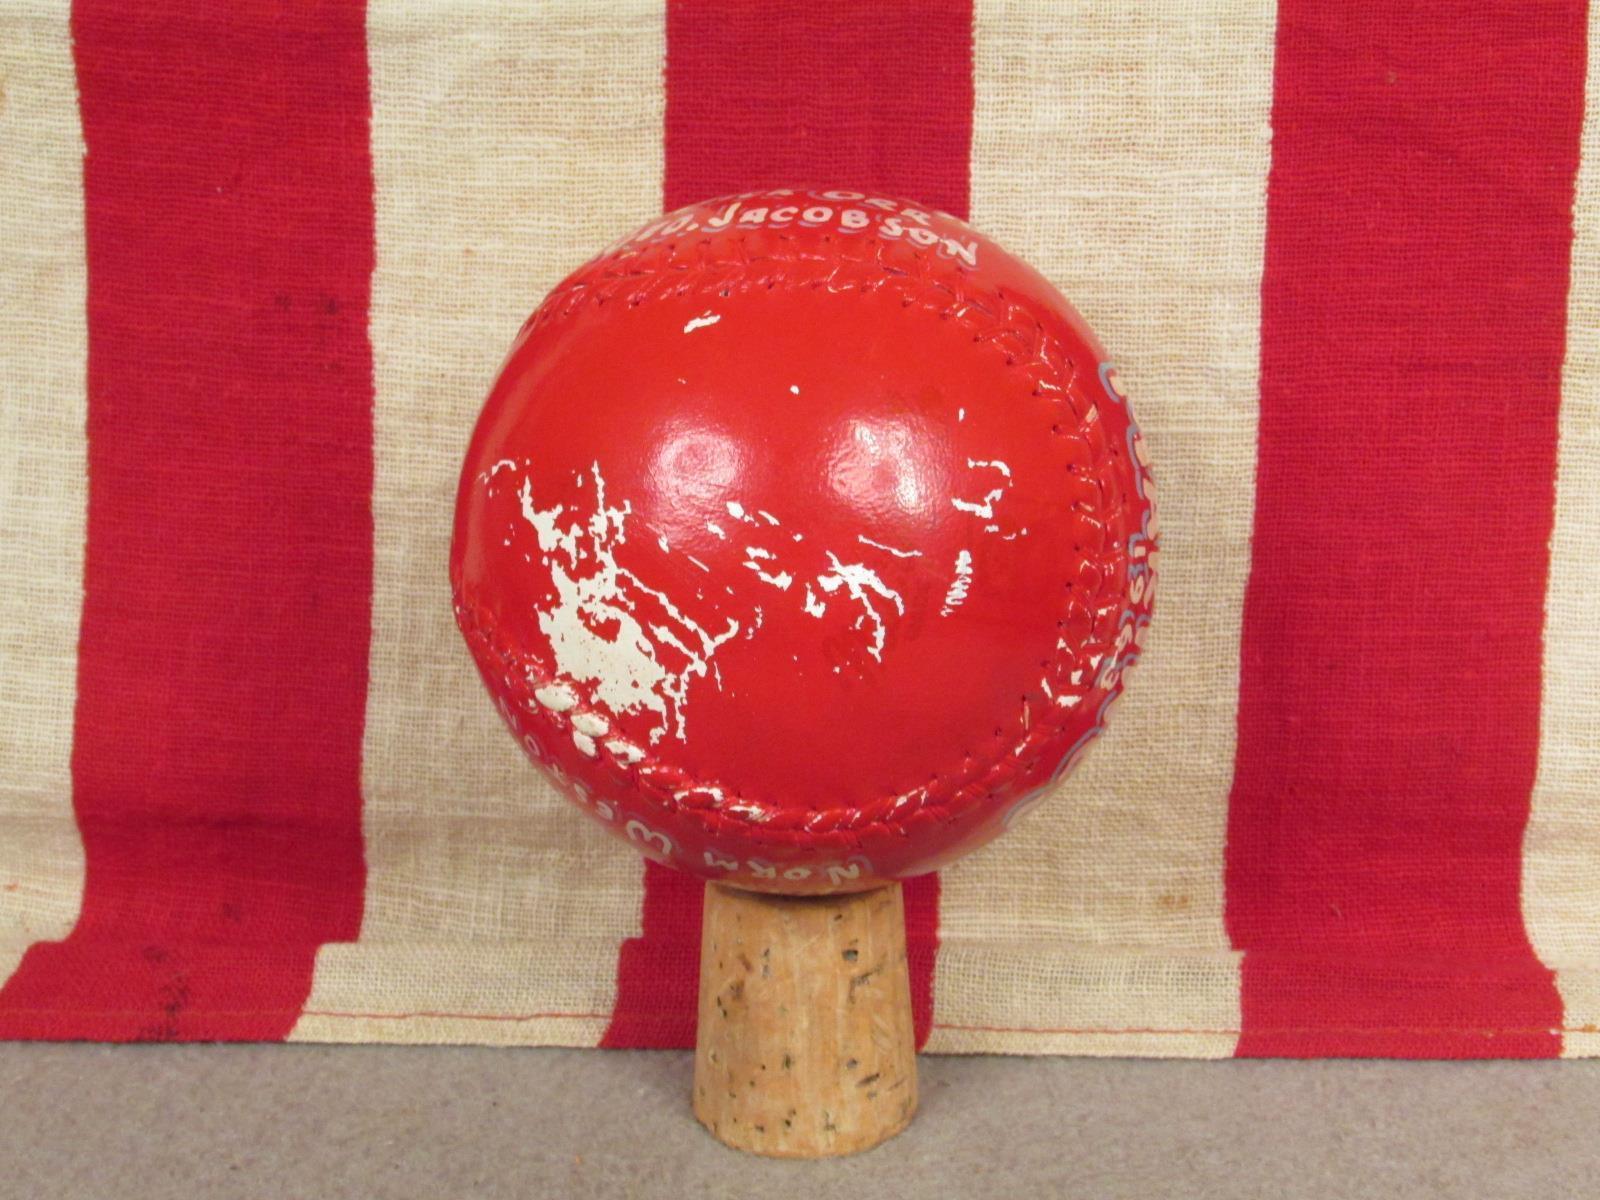 Vintage Vintage Vintage 1963 Us Marines League Championship Trophäe Softball Usmc Bemalt Armee fa9269